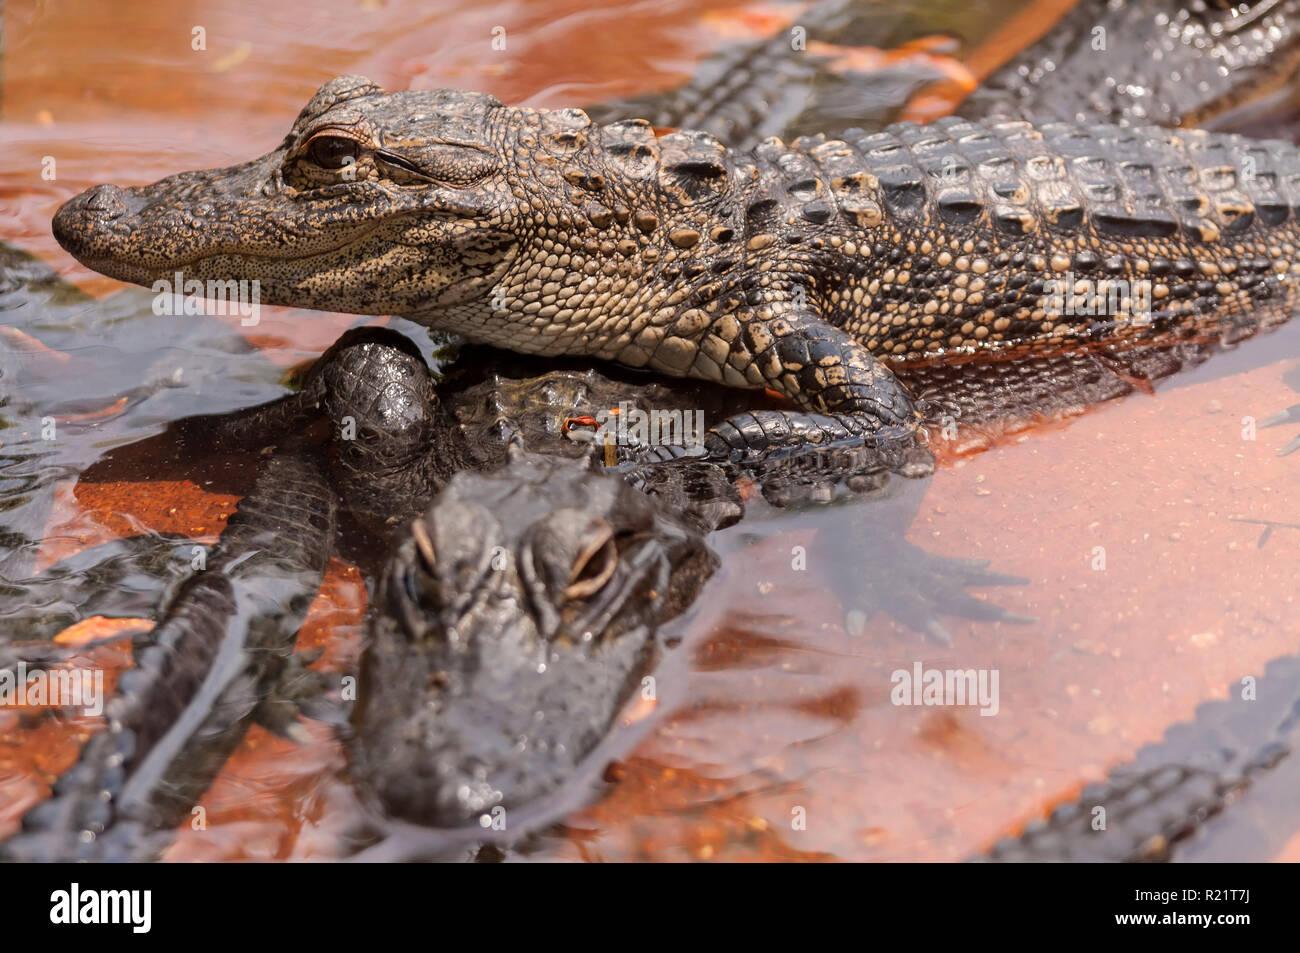 Two crocodiles - Stock Image